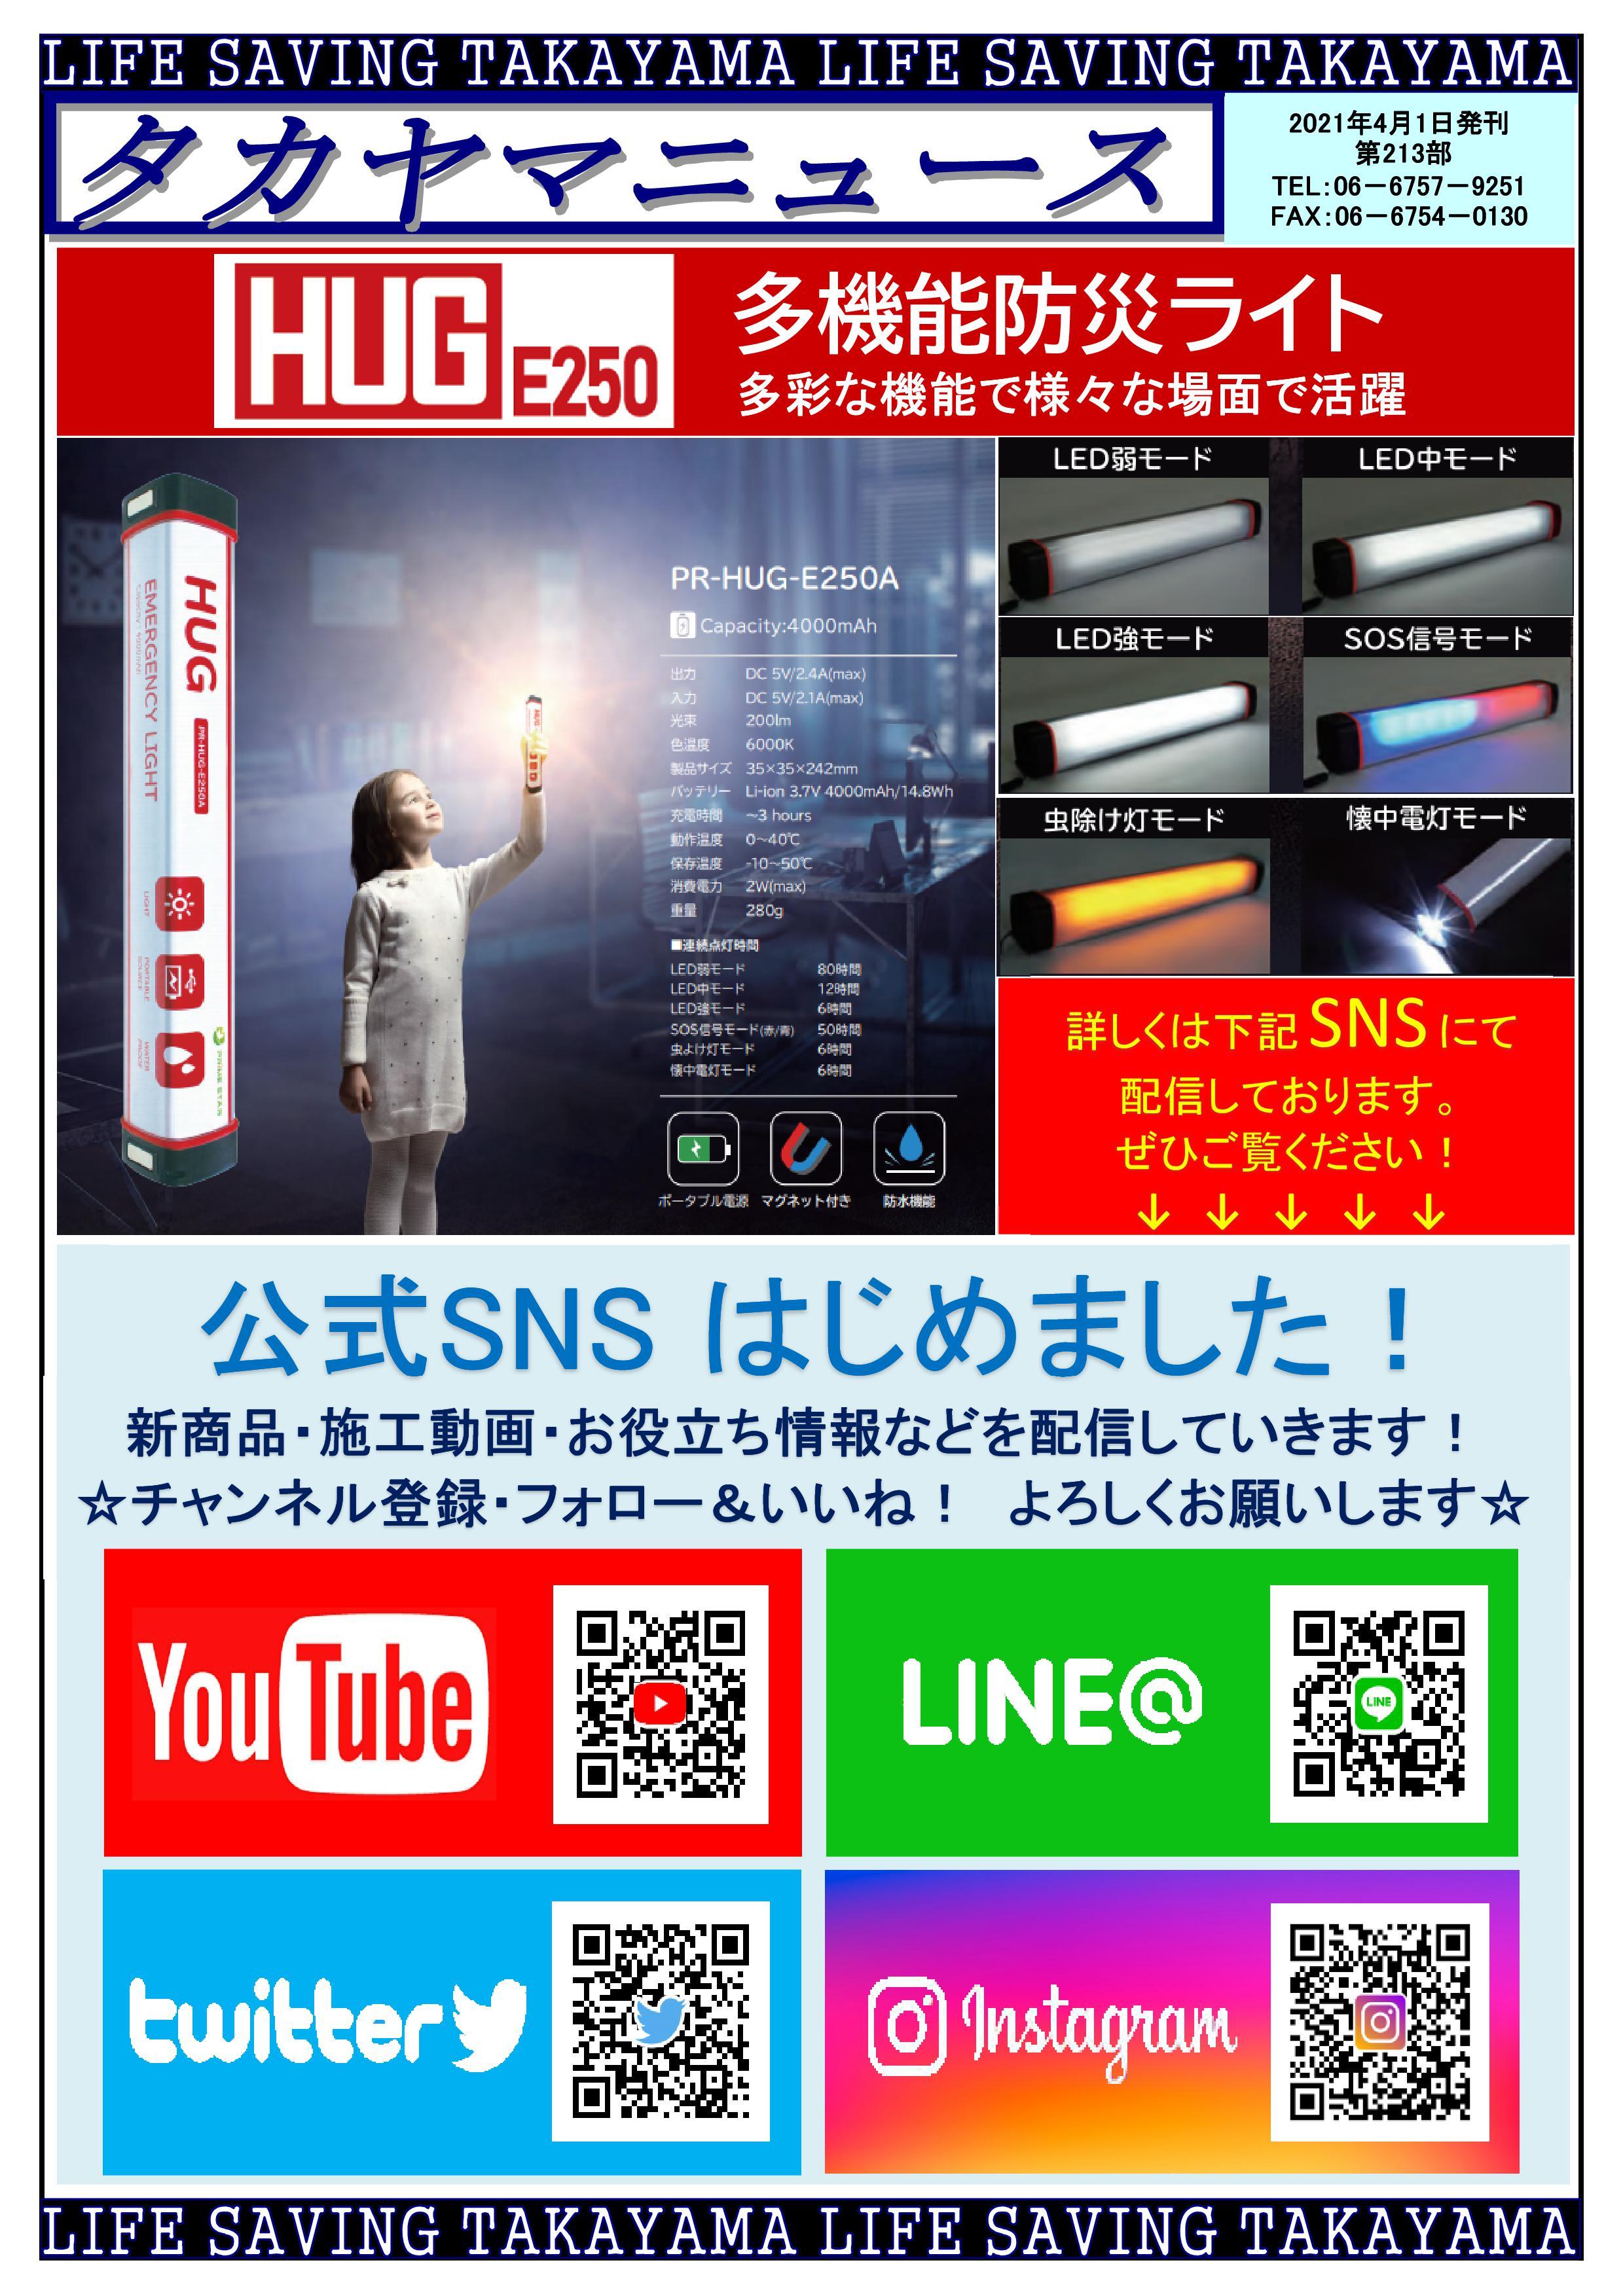 213タカヤマニュース:第213号 東日本:防災ライト